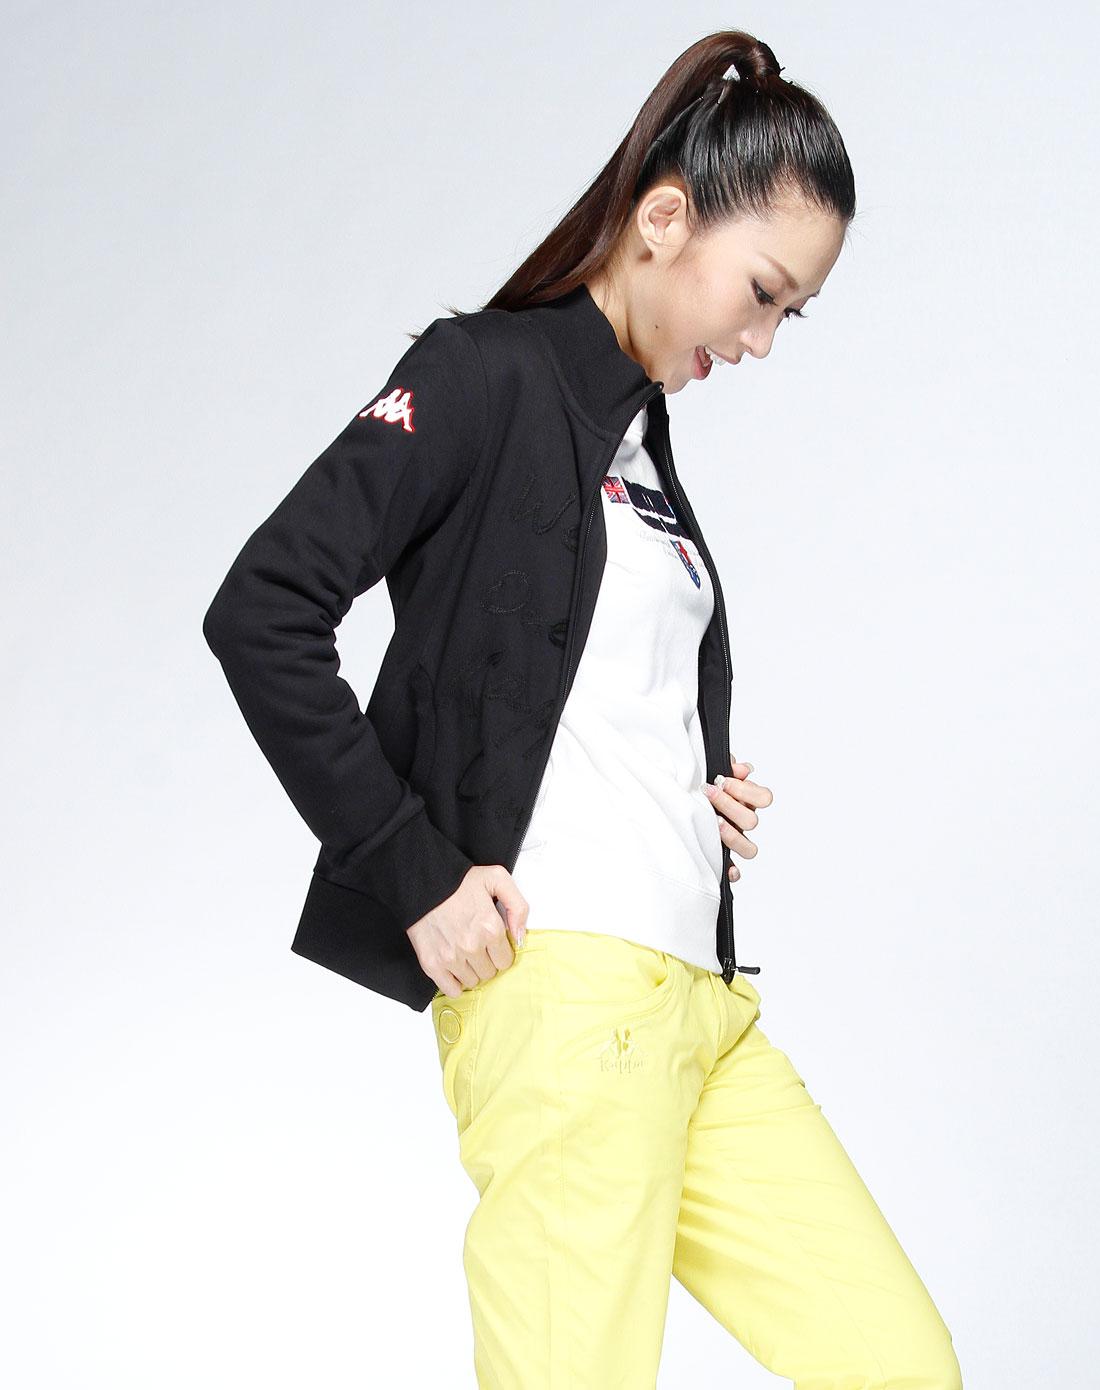 卡帕kappa 黑色时尚长袖拉链外套